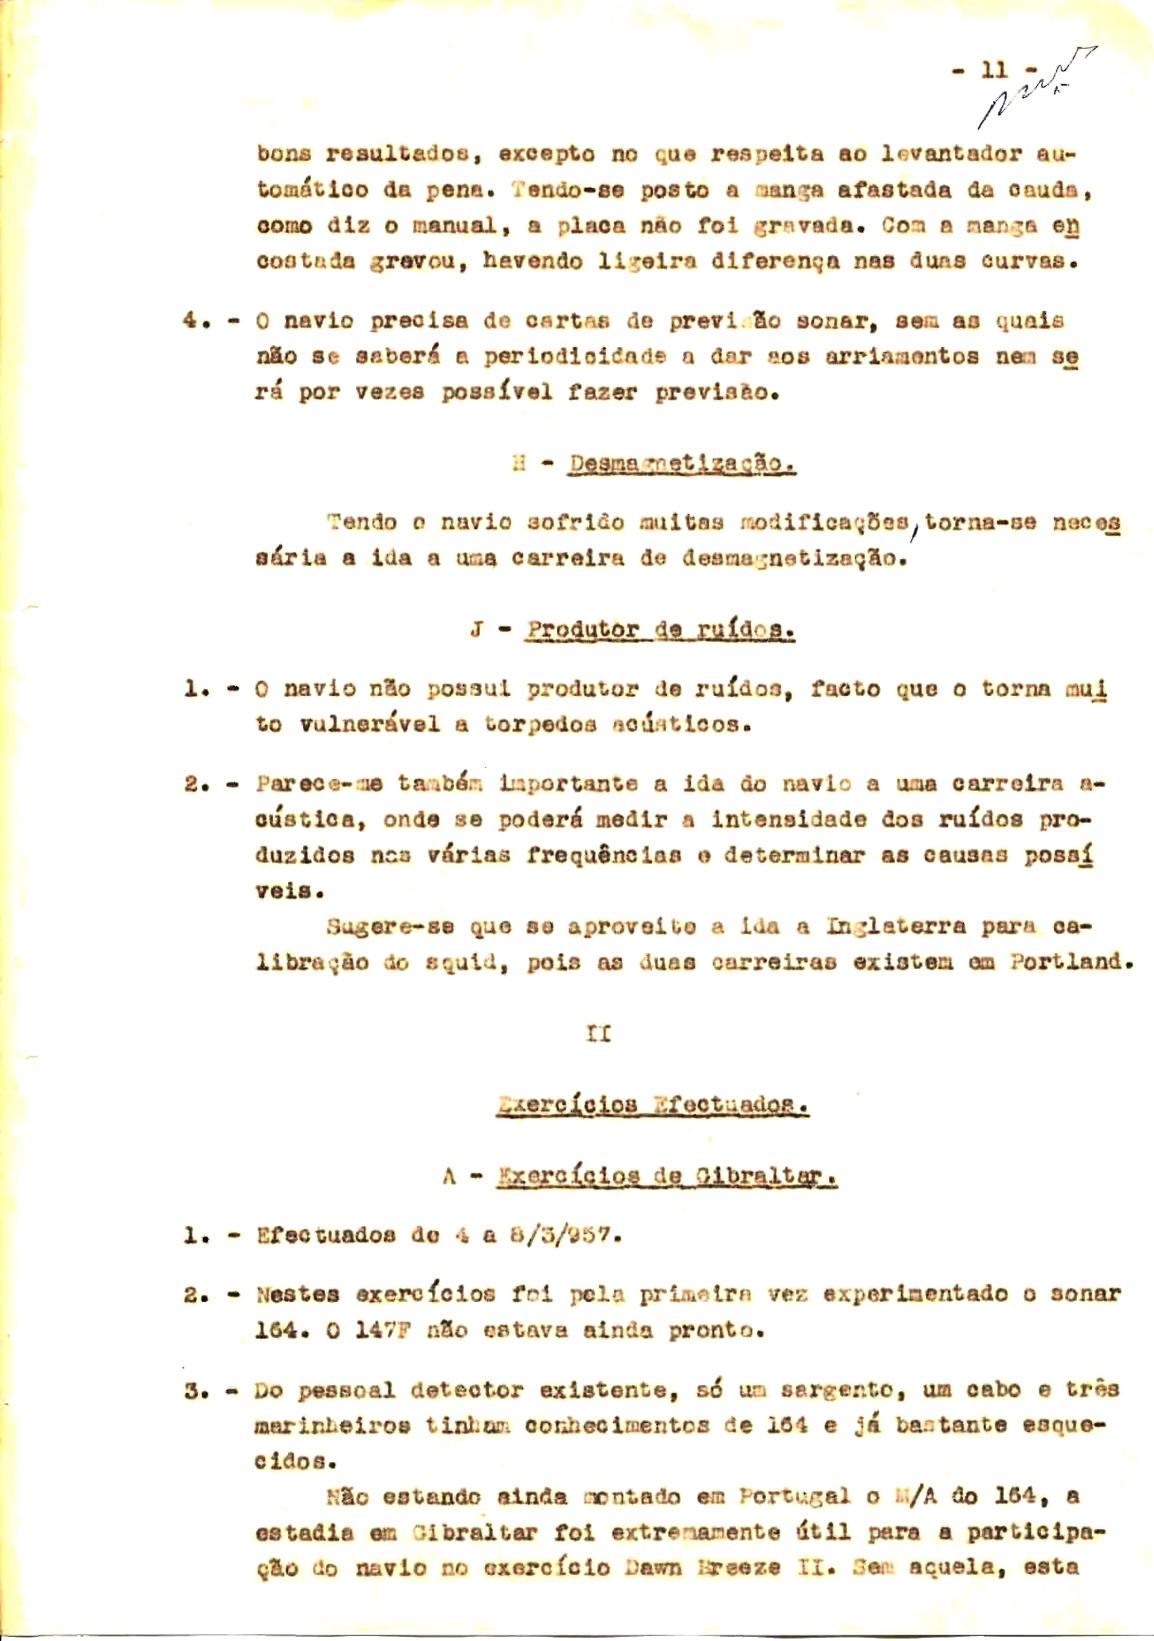 00348 57-10-21 cópia do Relatório do Chefe do Serviço de Armas Submarina do CT Vouga 1º Ten Nunes da Silva-11